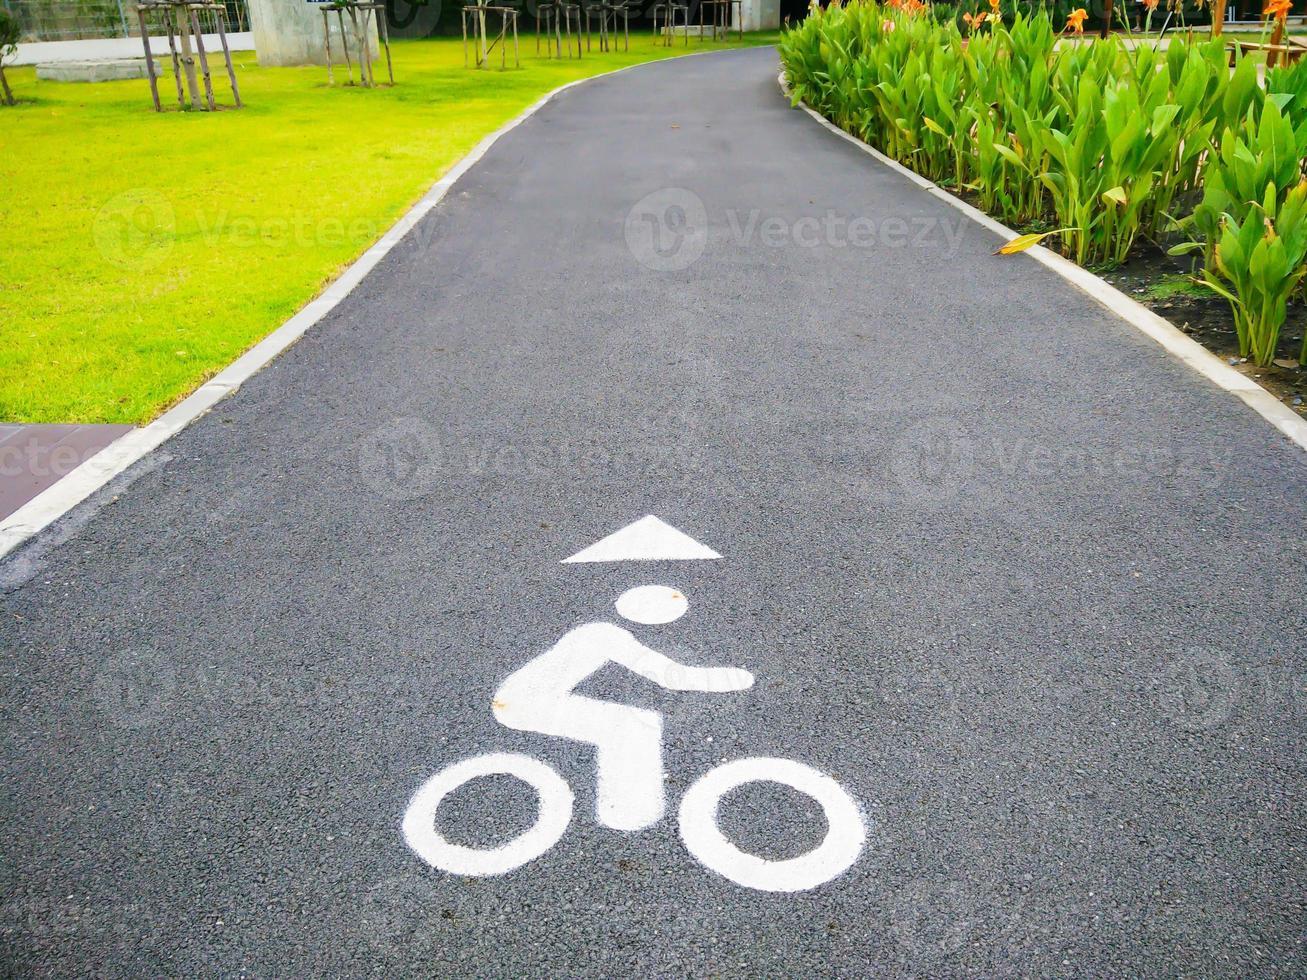 panneau de signalisation de vélo dans le parc photo